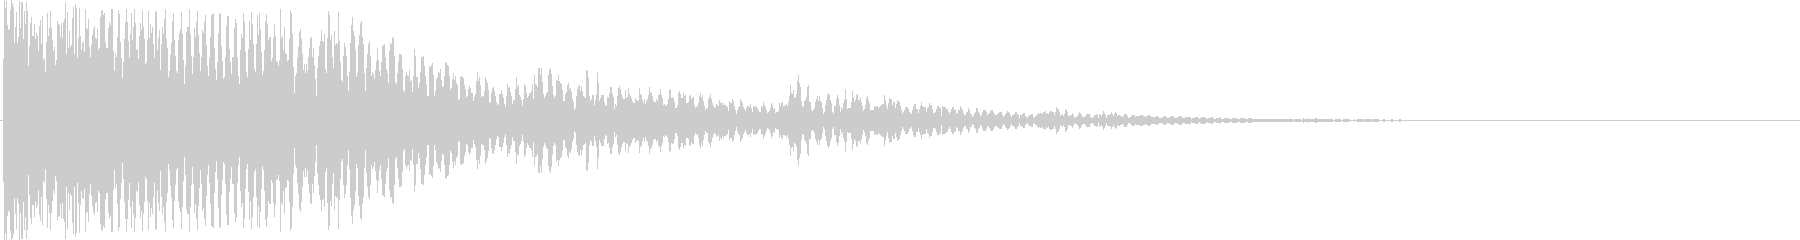 ピローンピローンピロー…(クリック音)の未再生の波形